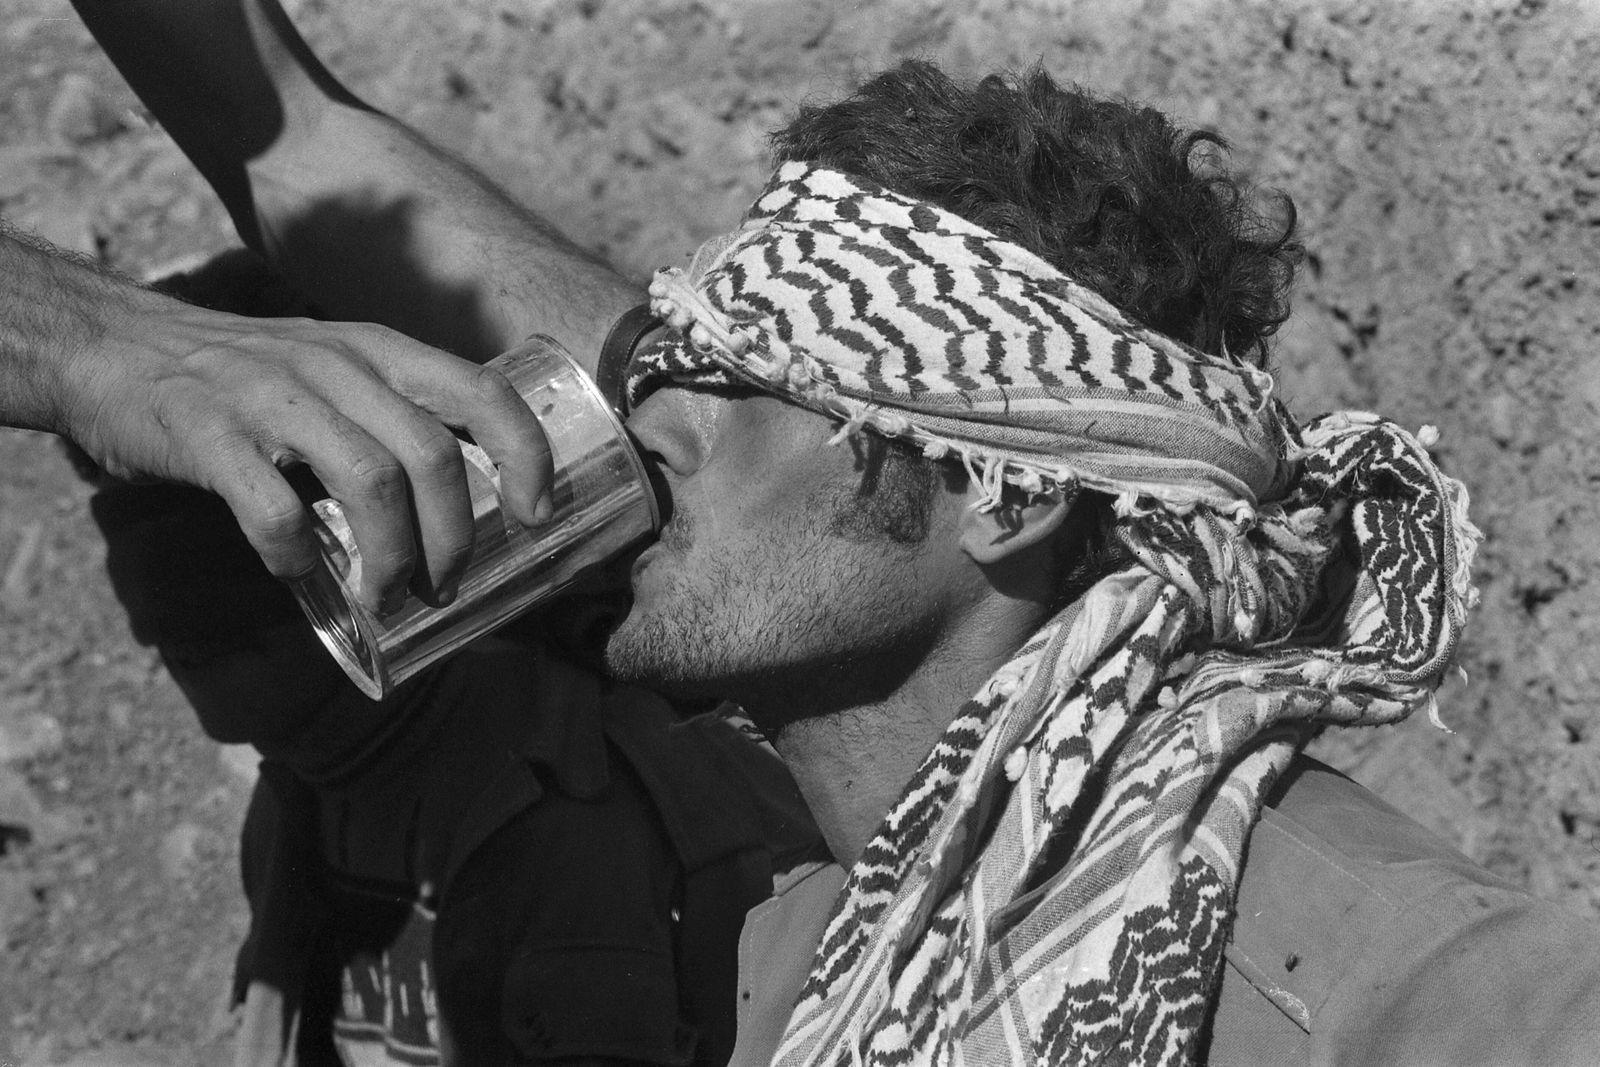 Syrischer Gefangener, Soldat der syrischen Armee, gefesselt mit verbundenen Augen, bekommt Wasser zu trinken, waehrend d